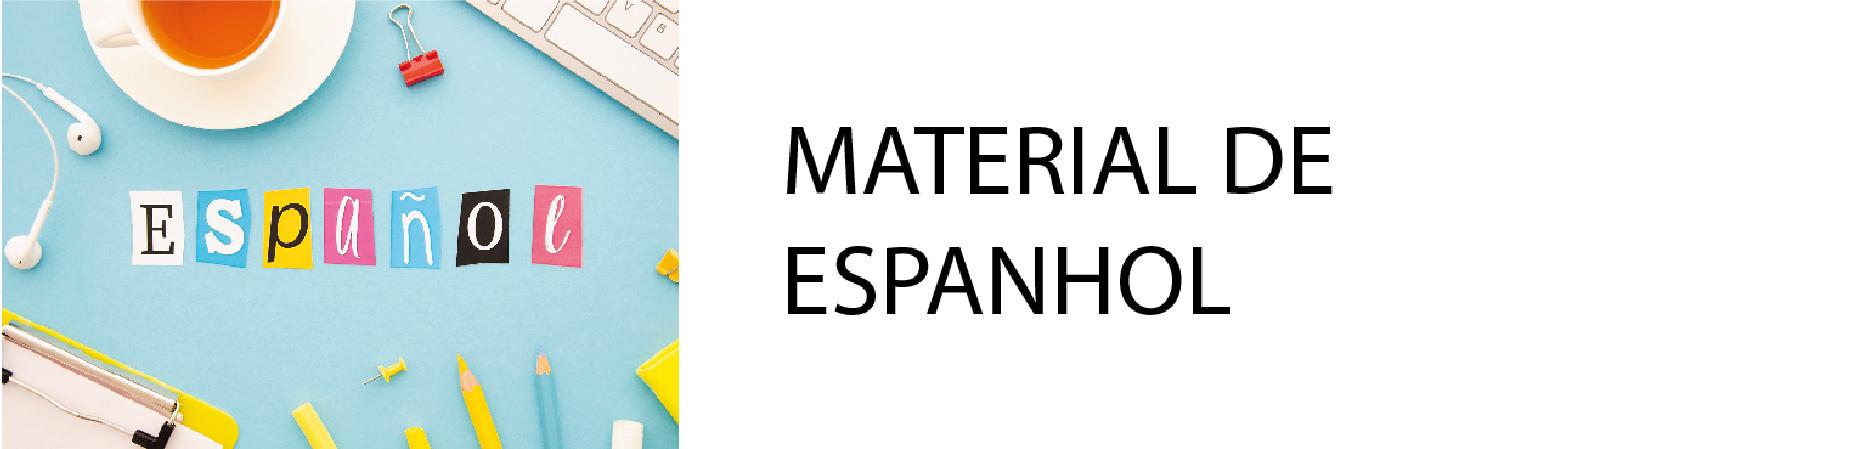 Materiais espanhol - Materiais espanhol